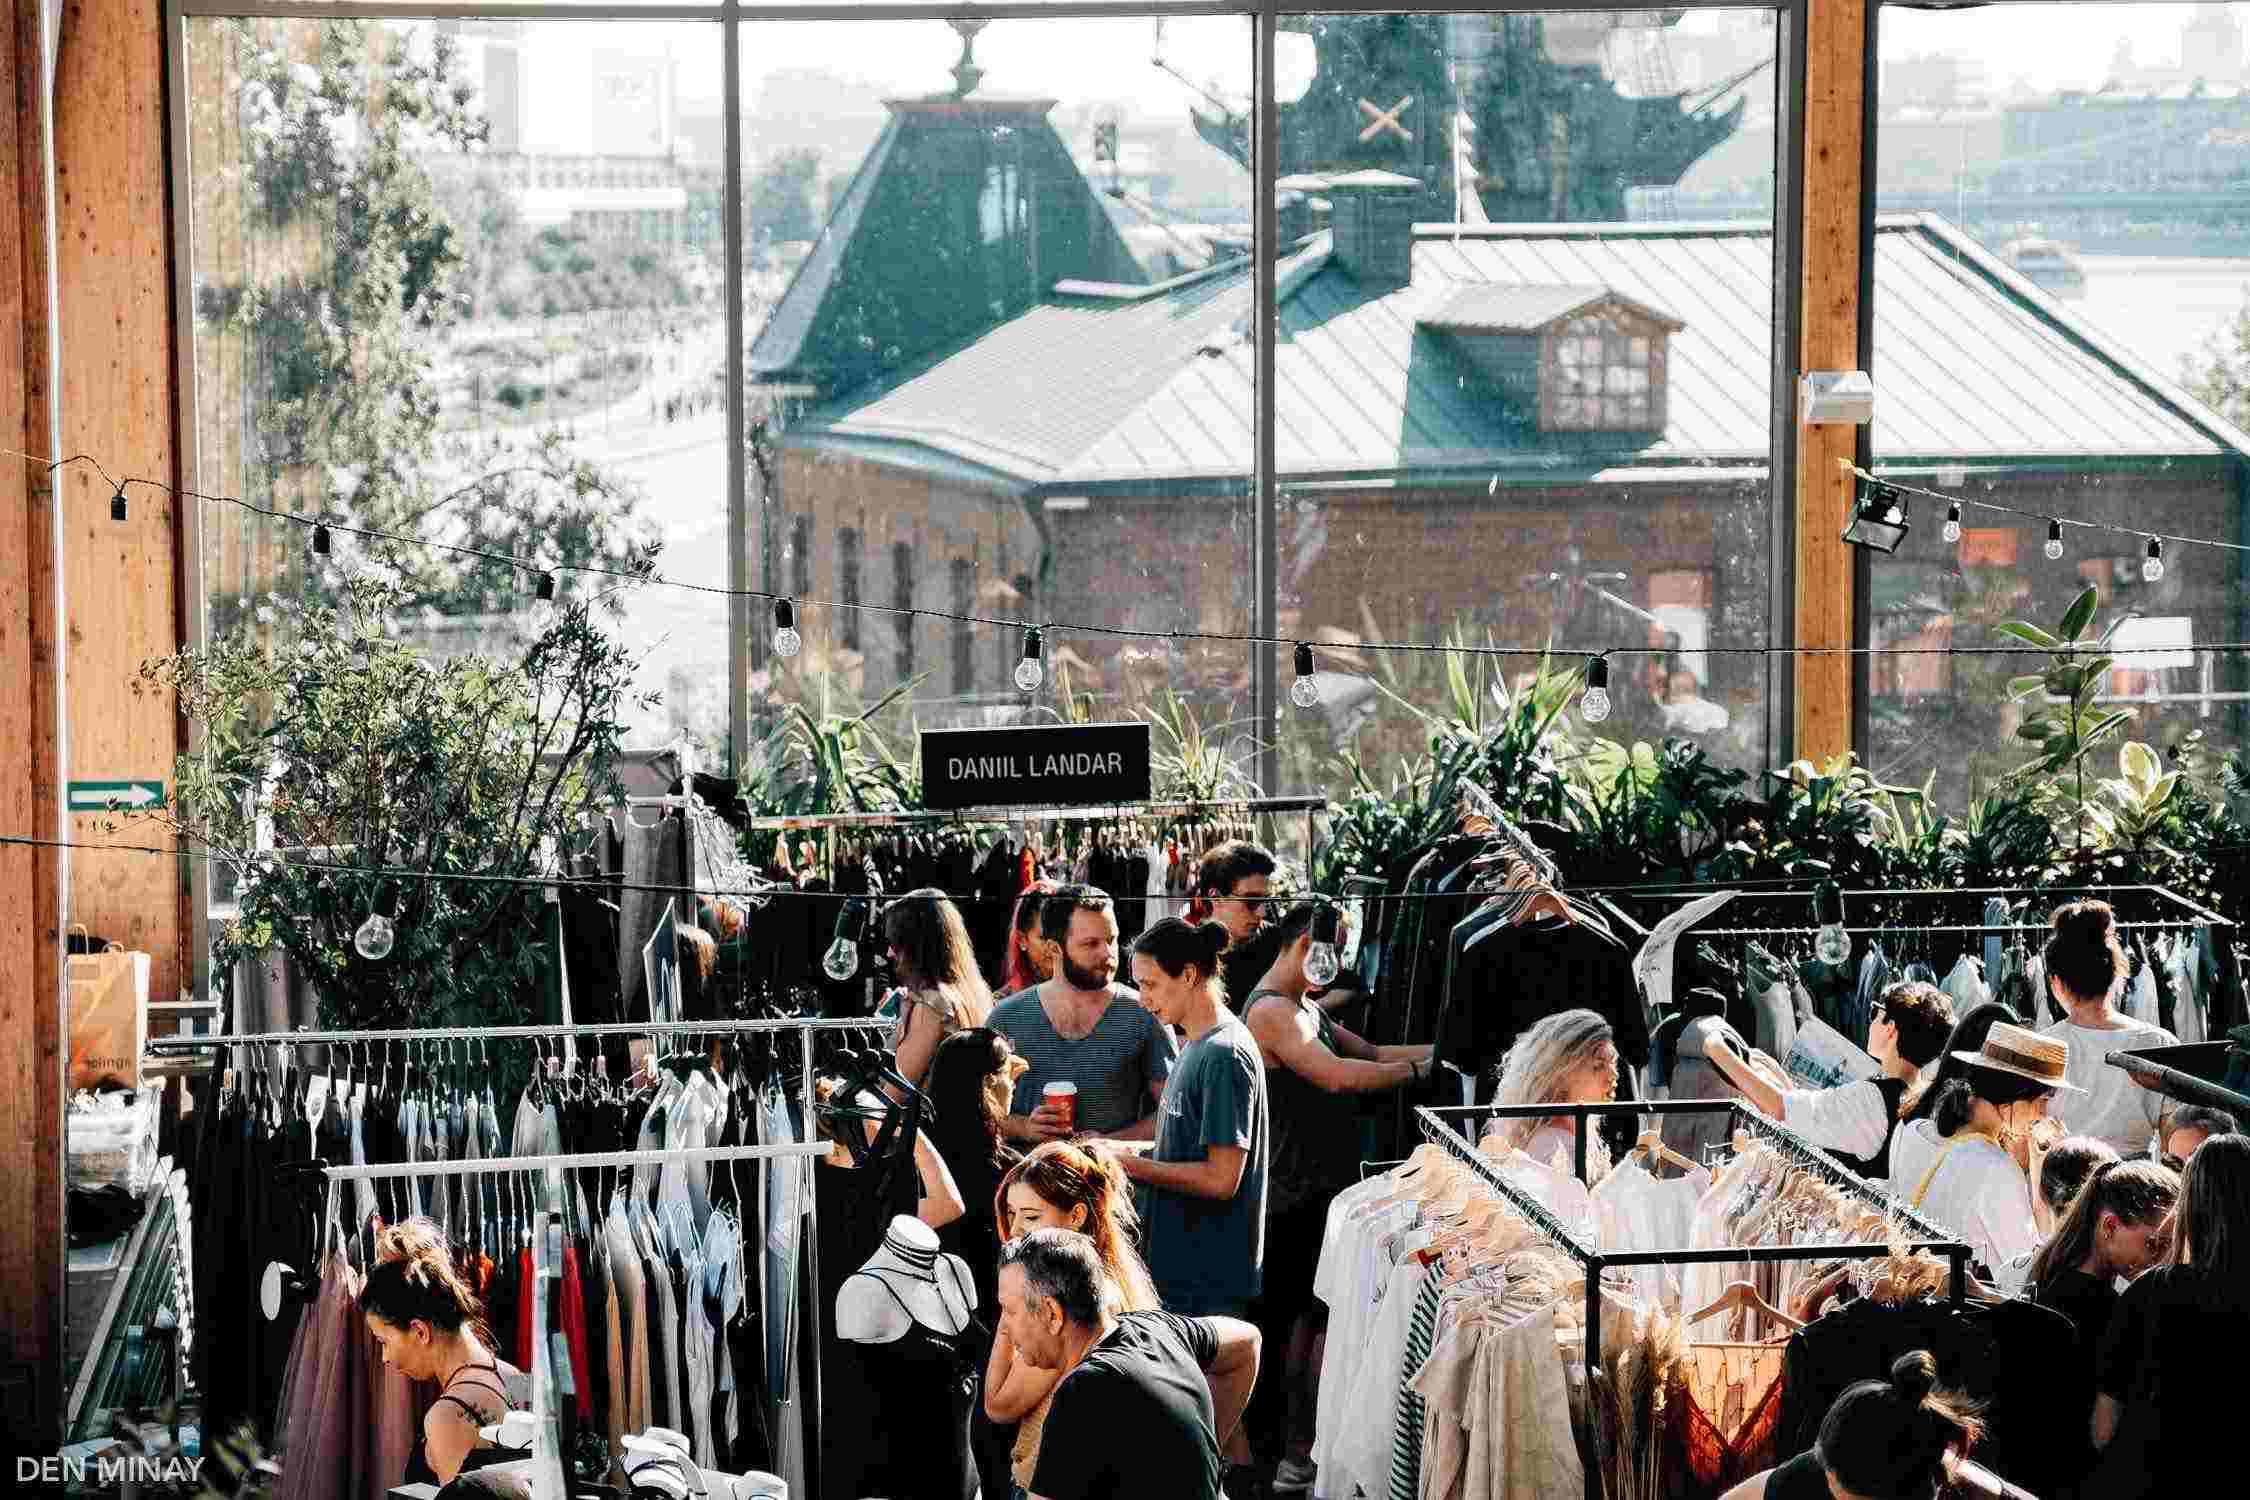 Как это было: Международный фестиваль альтернативной моды и дизайна Concept Market /Picnic